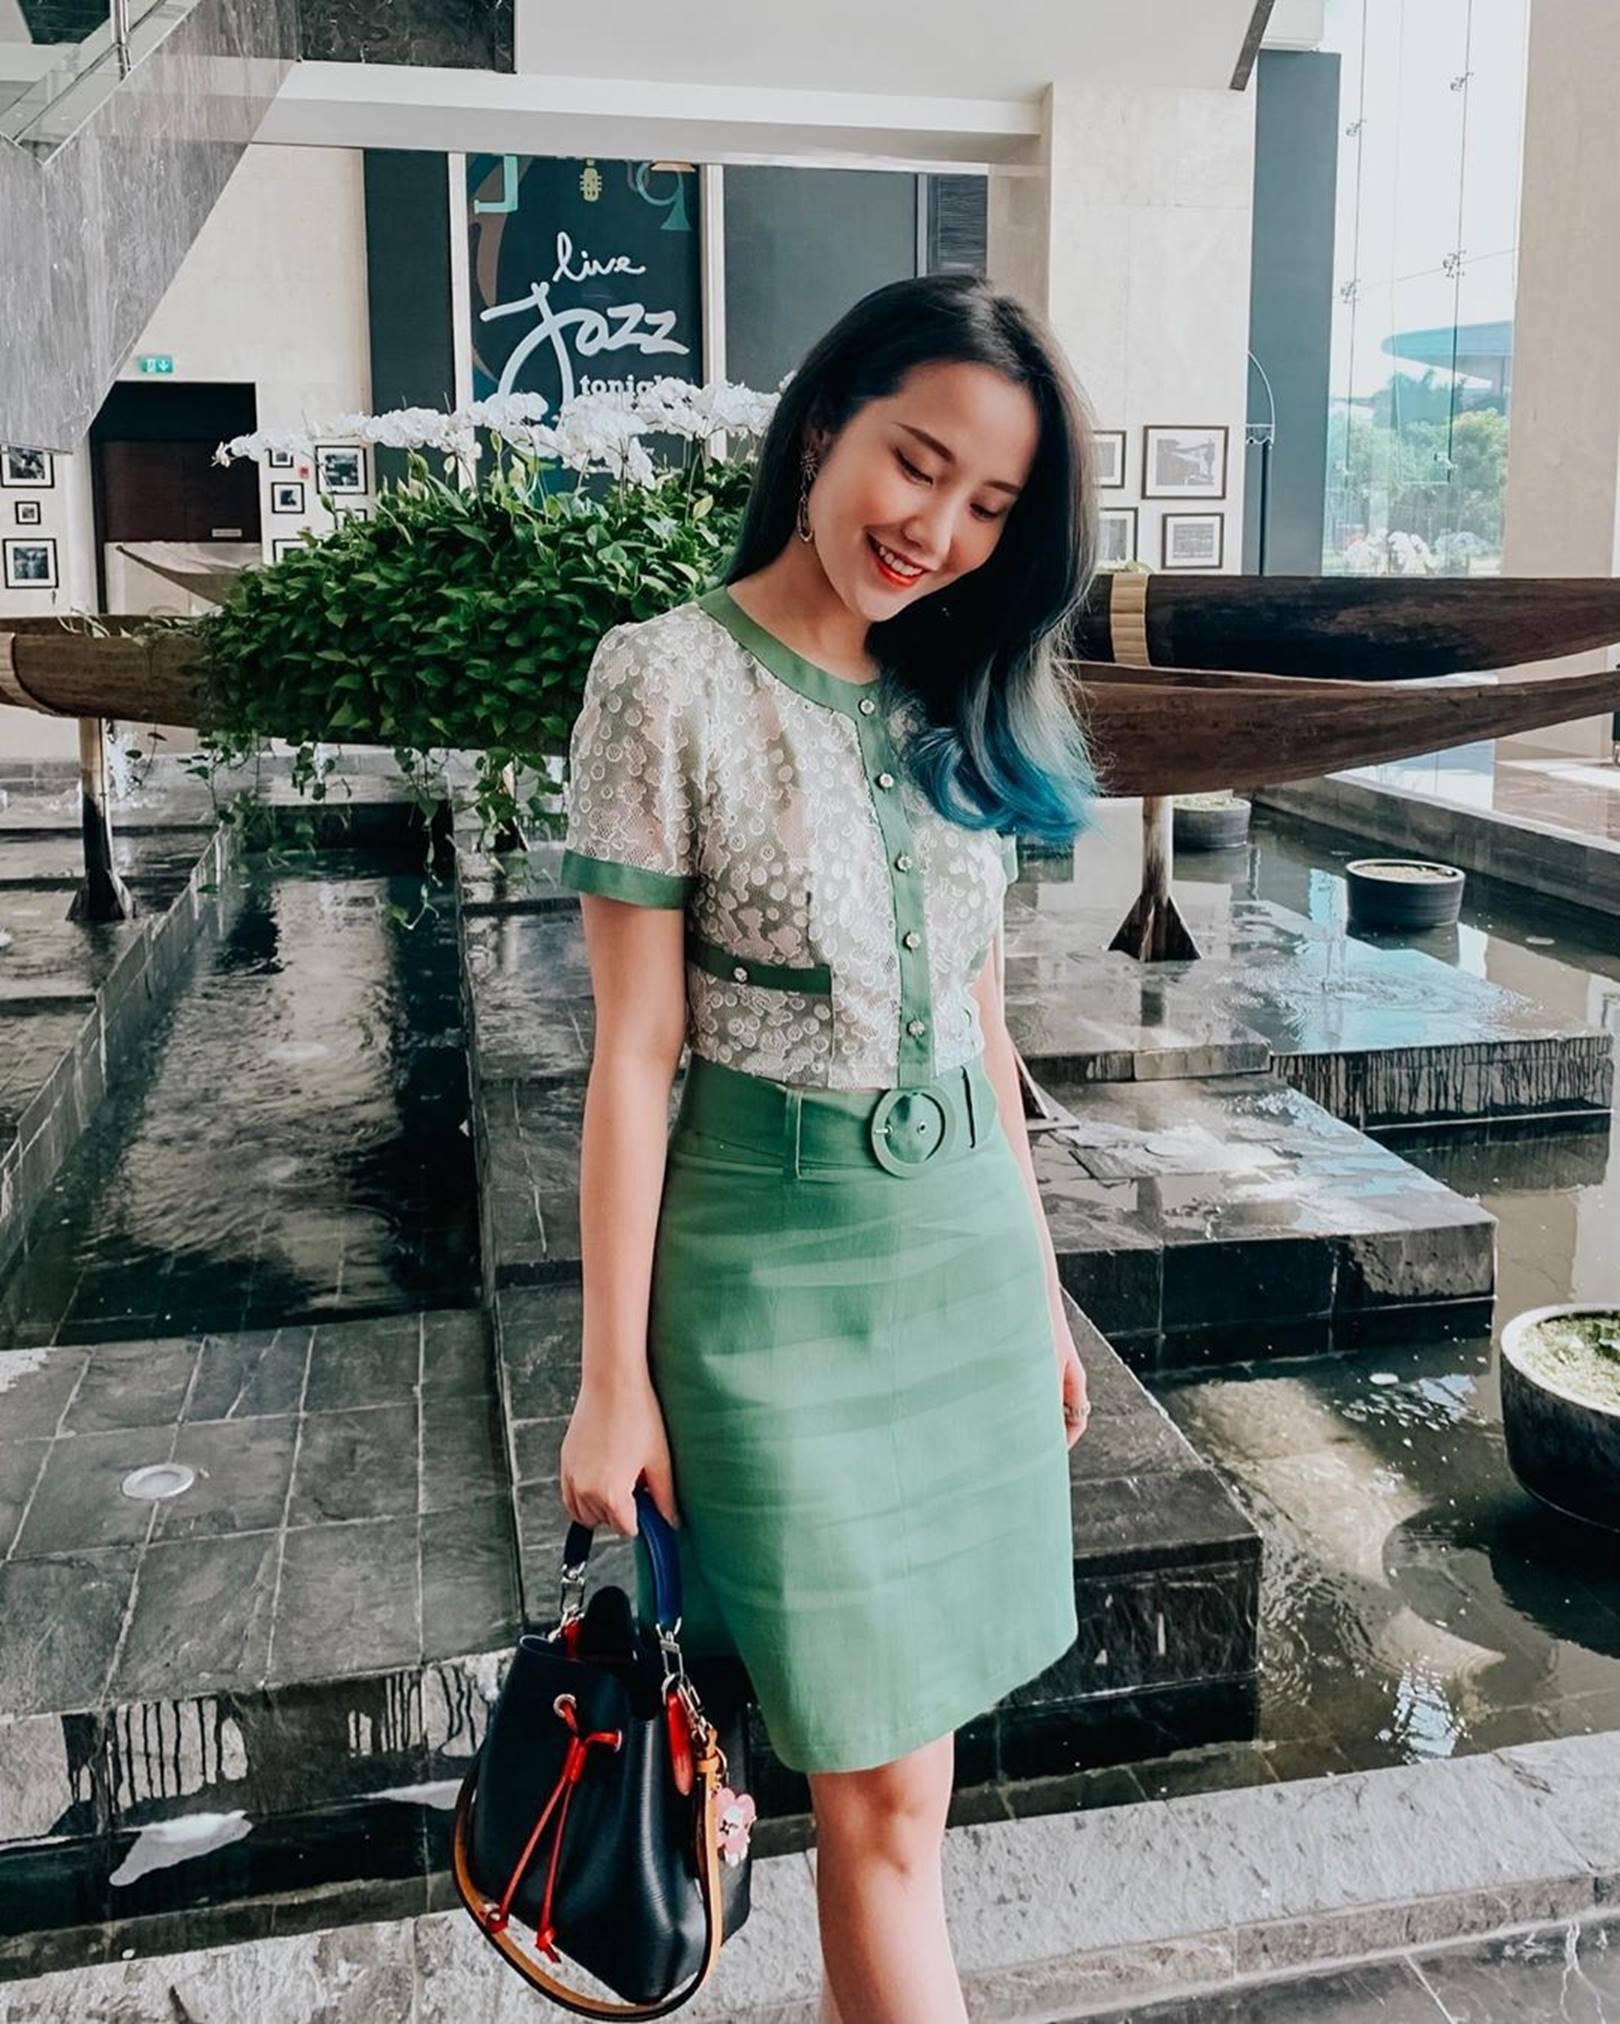 3 ái nữ cành vàng lá ngọc nhà đại gia Việt: Thay đồ hiệu như thay áo, xách túi hiệu như xách giỏ đi chợ mỗi ngày-35